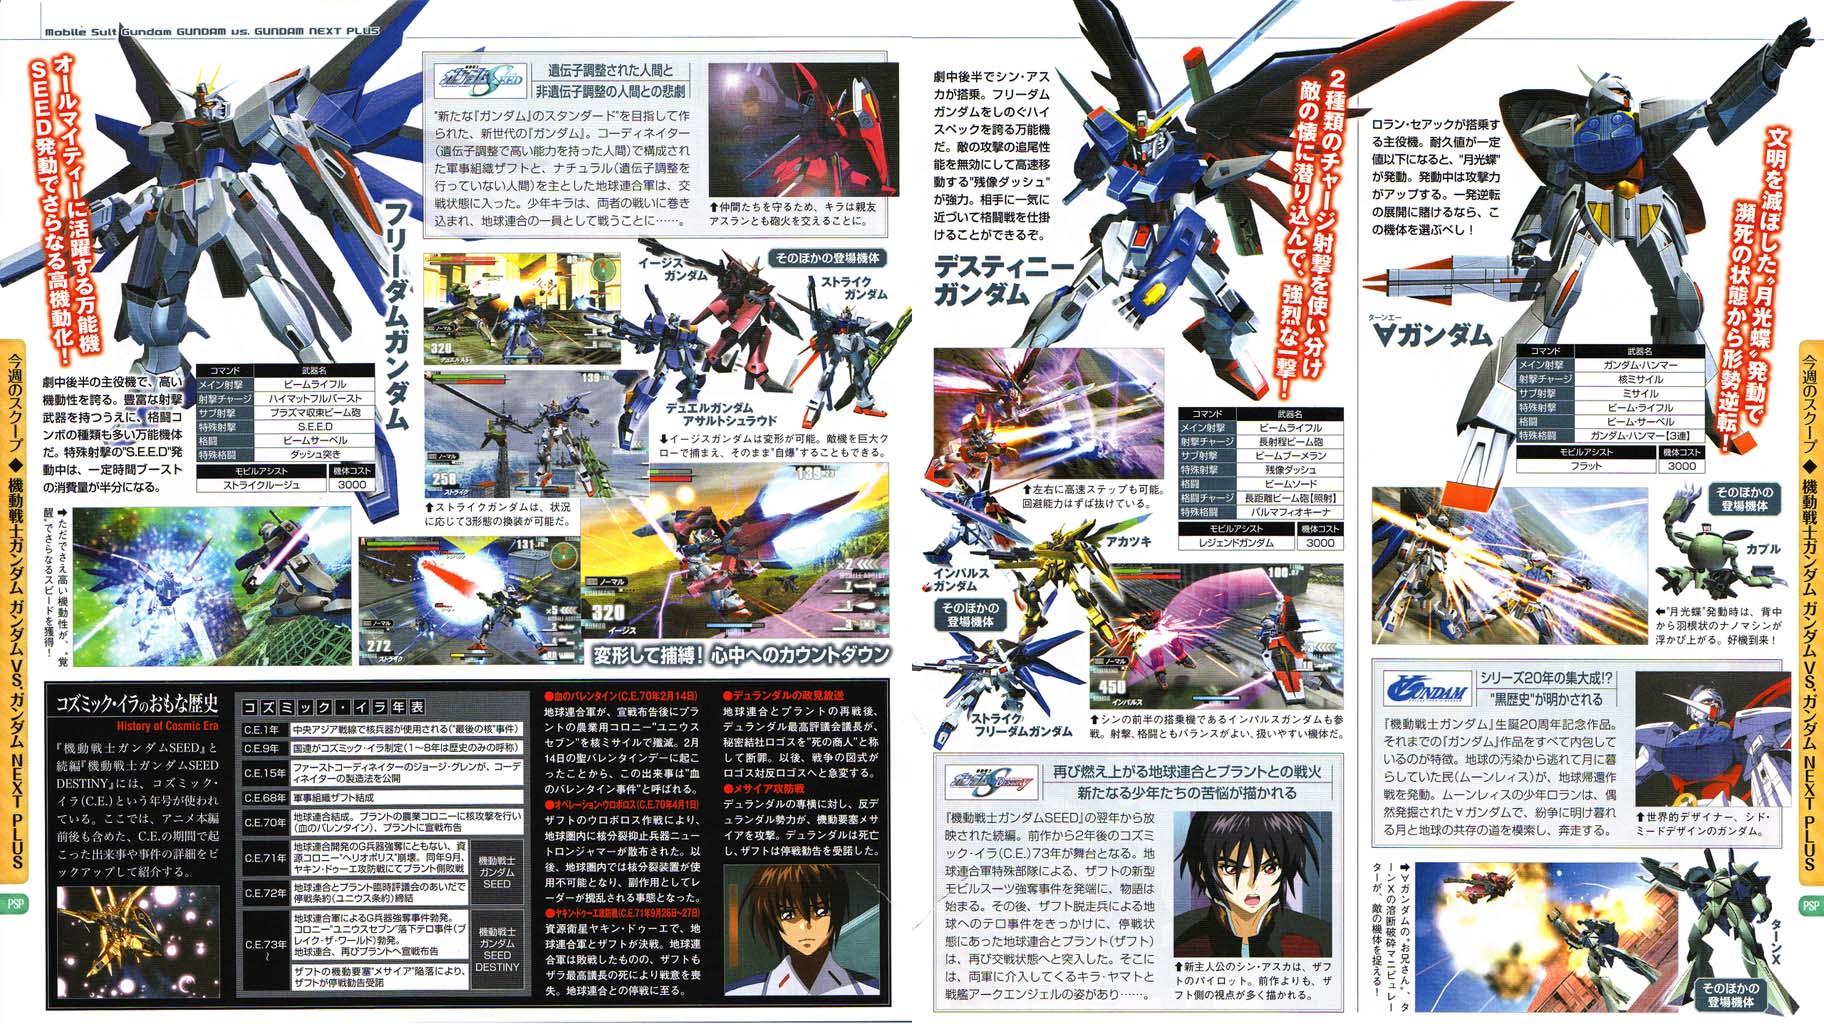 Gundam Vs Gundam Next Plus